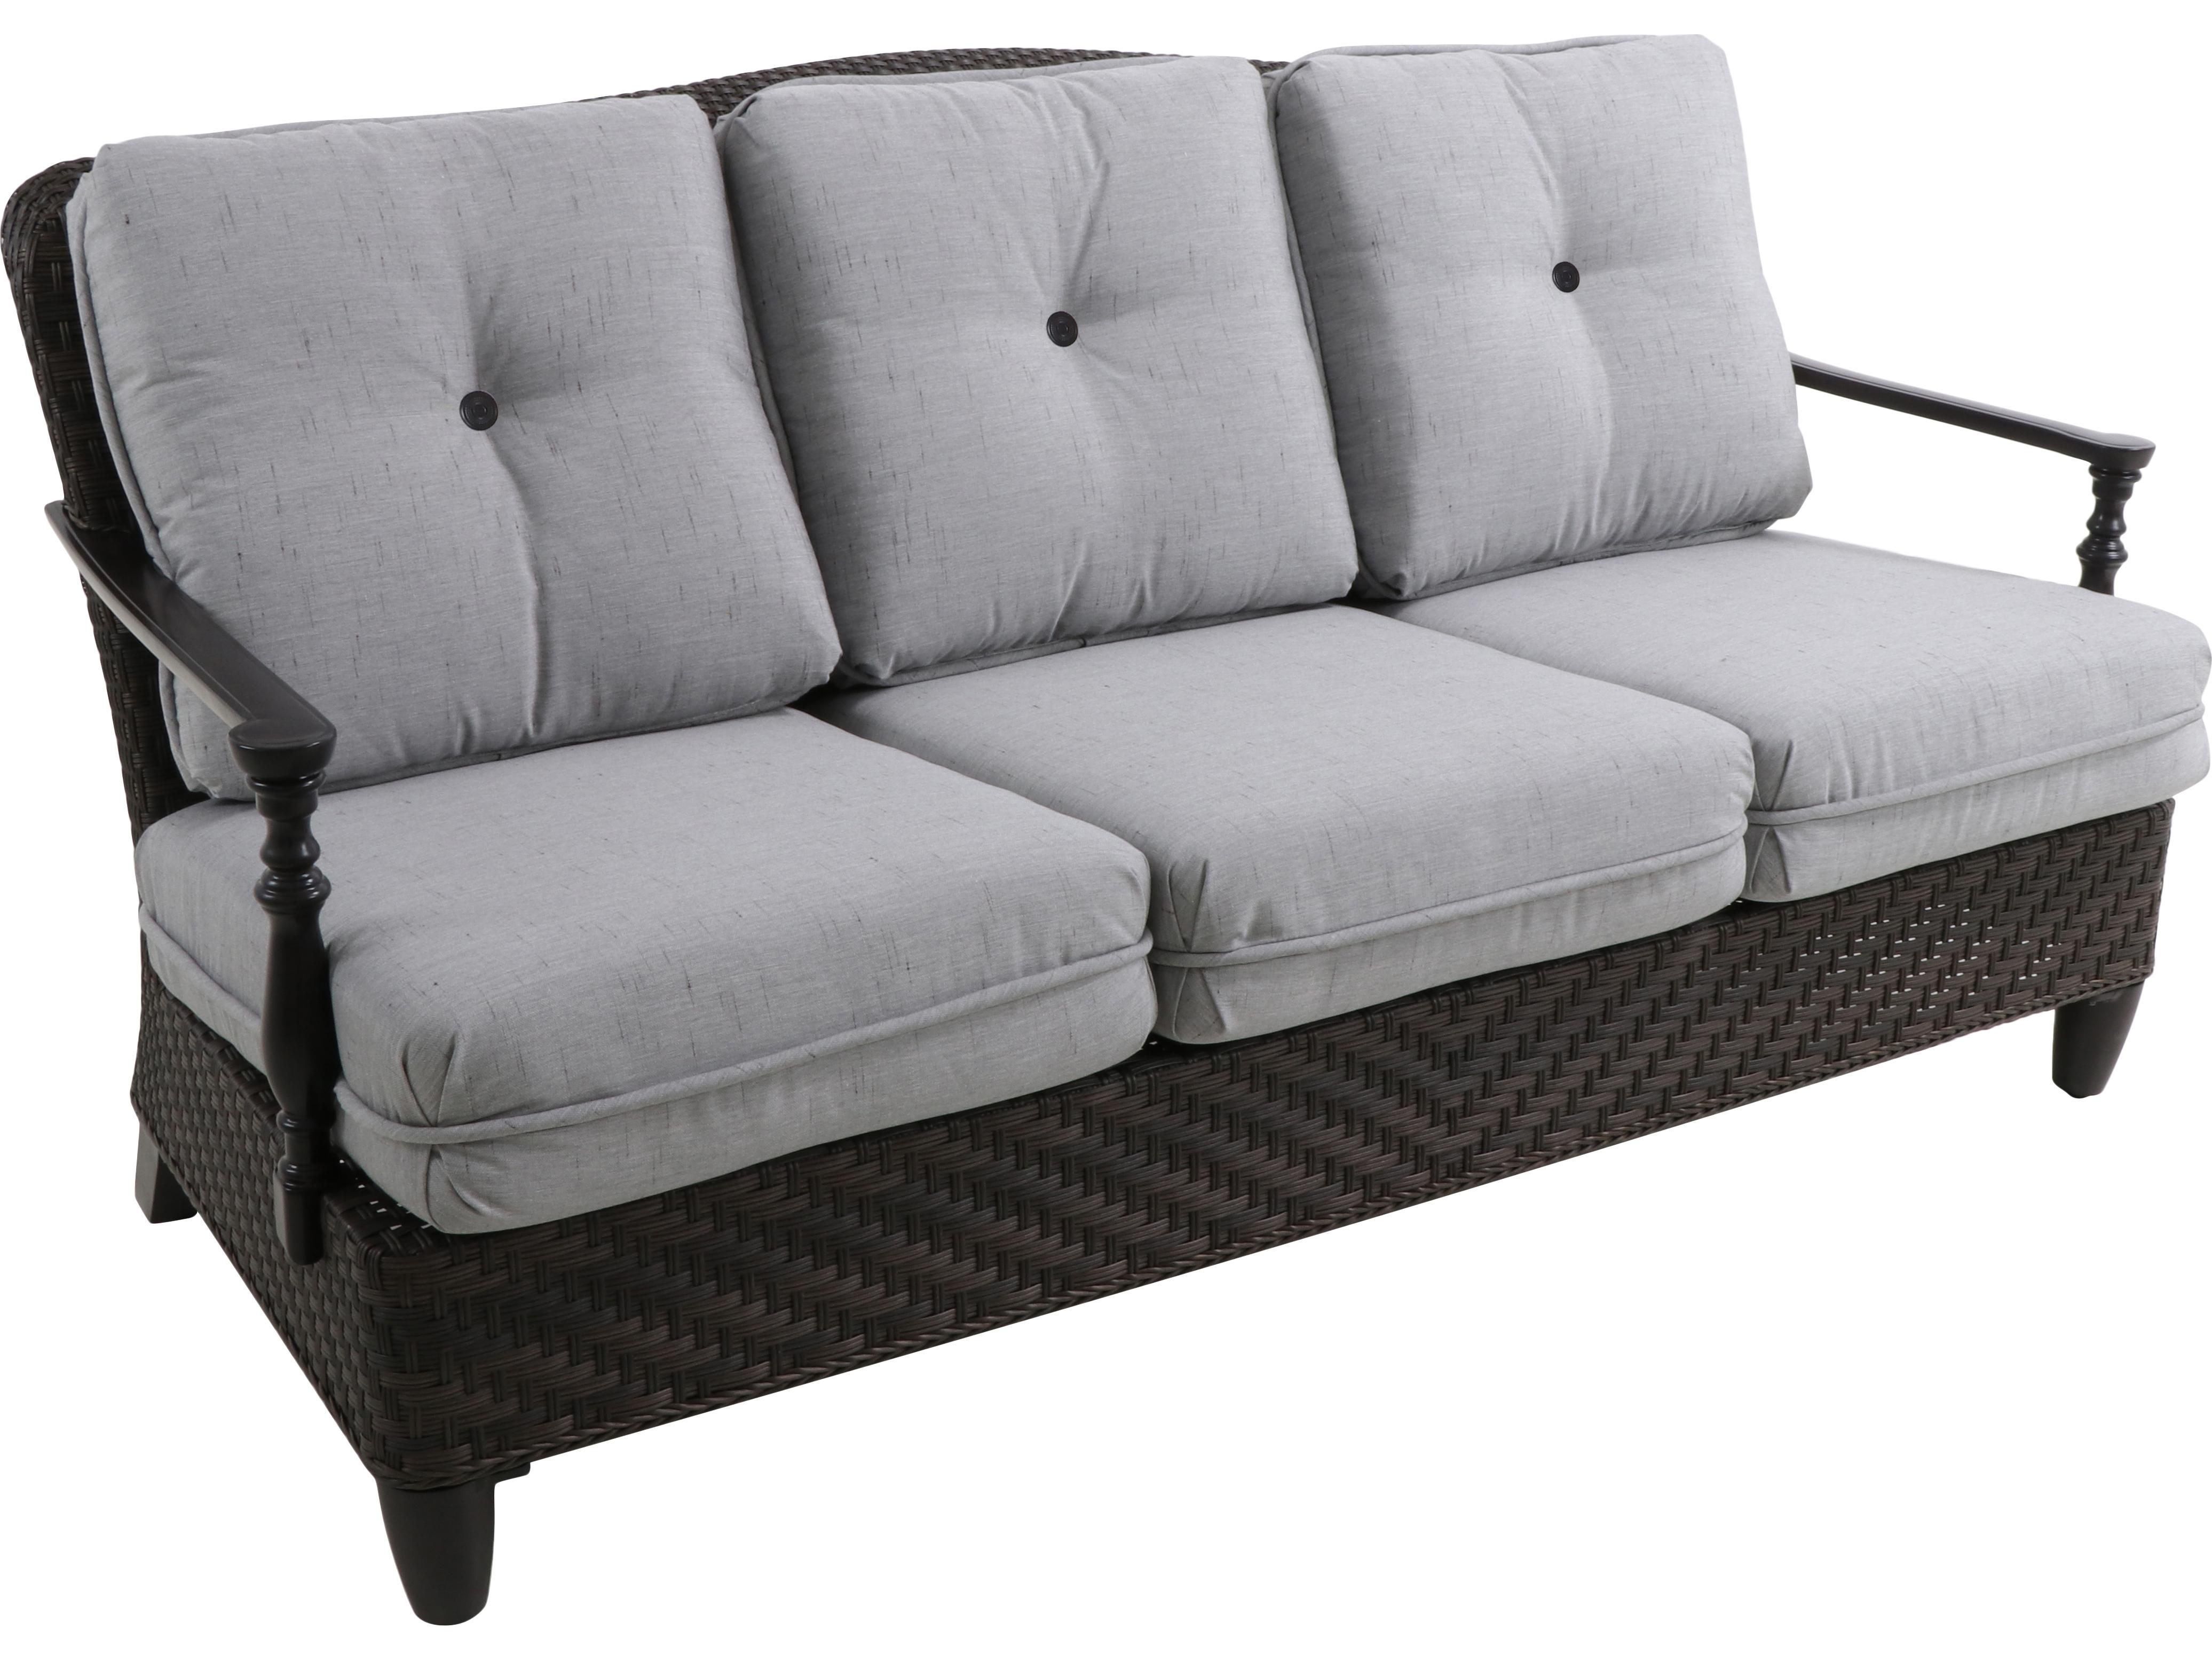 Paula Deen Outdoor Bungalow Tobacco Wicker Sofa In Frequency Ash Fabric